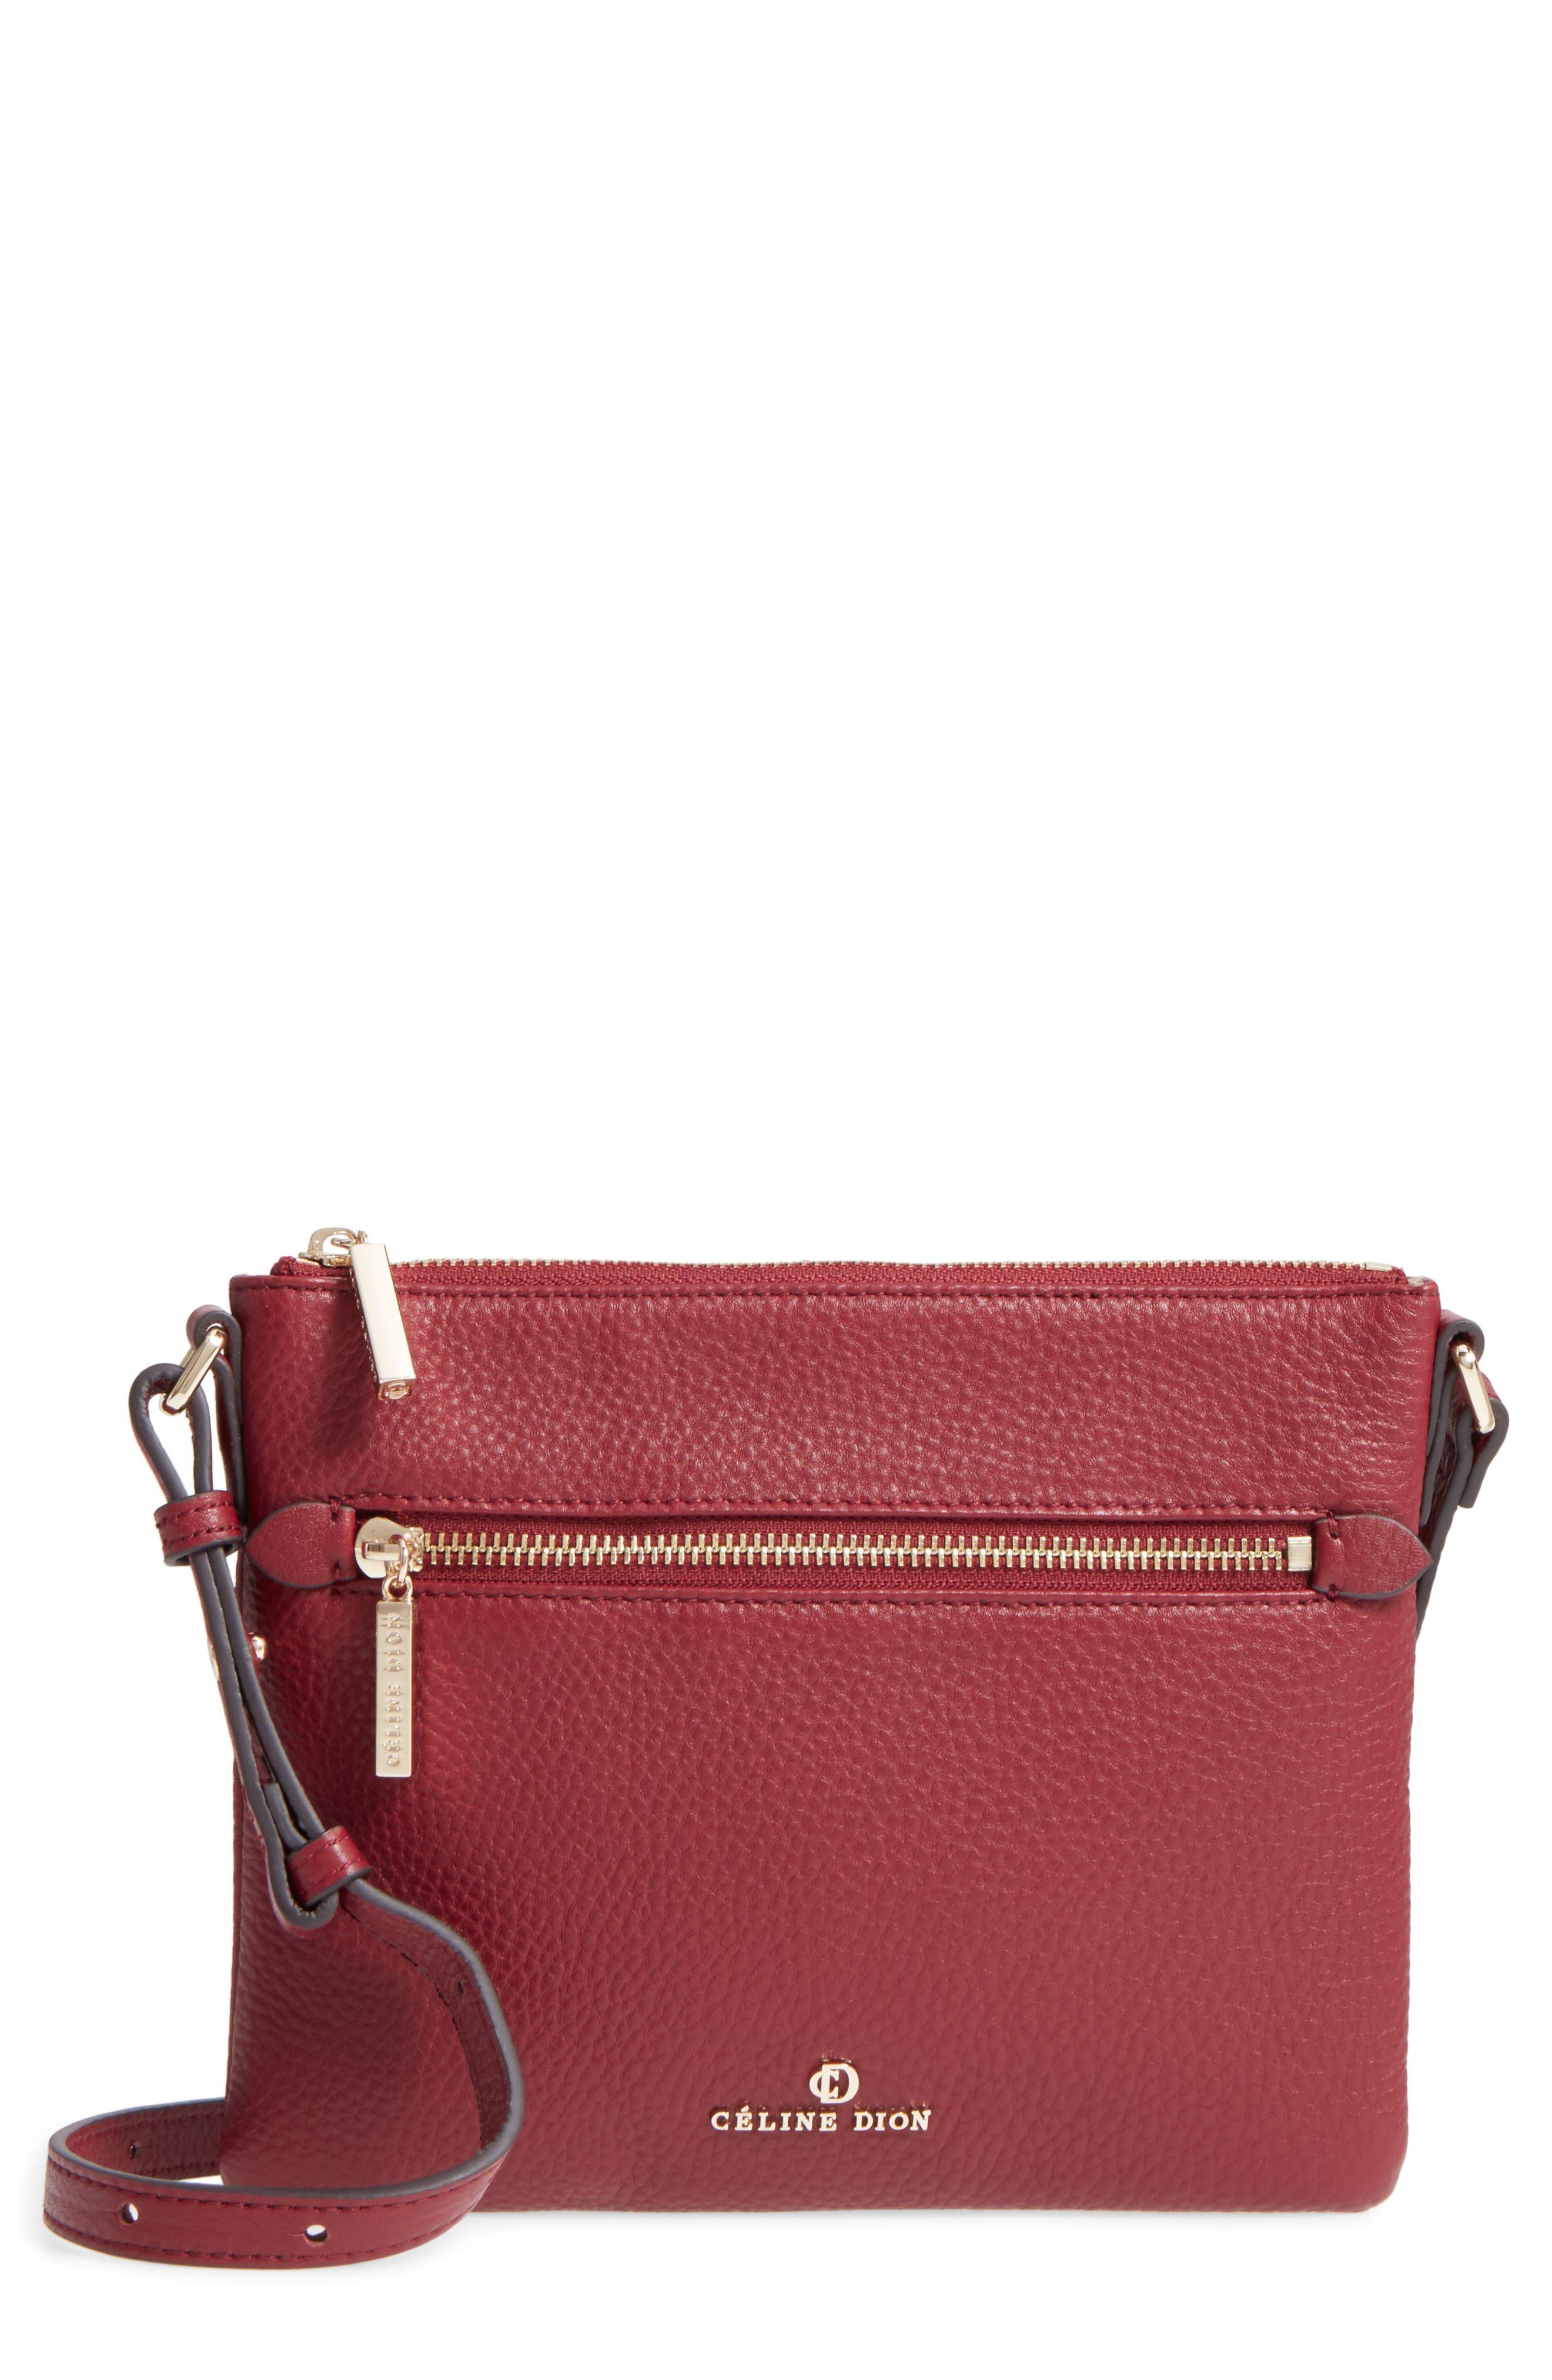 Céline Dion Adagio Leather Crossbody Bag